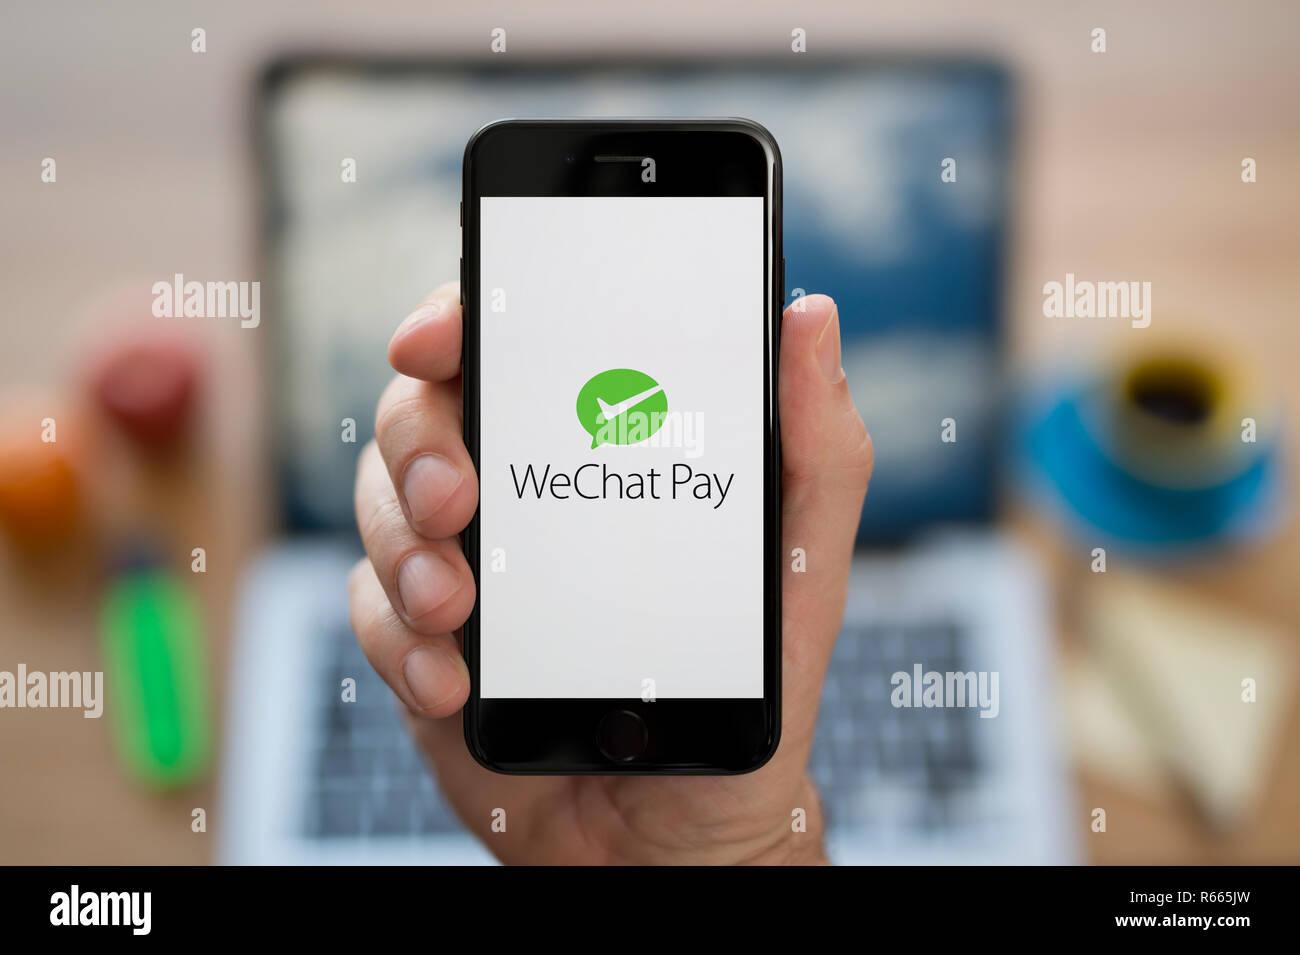 Un homme se penche sur son iPhone qui affiche le logo de WeChat payer, alors qu'assis à son bureau de l'ordinateur (usage éditorial uniquement). Photo Stock